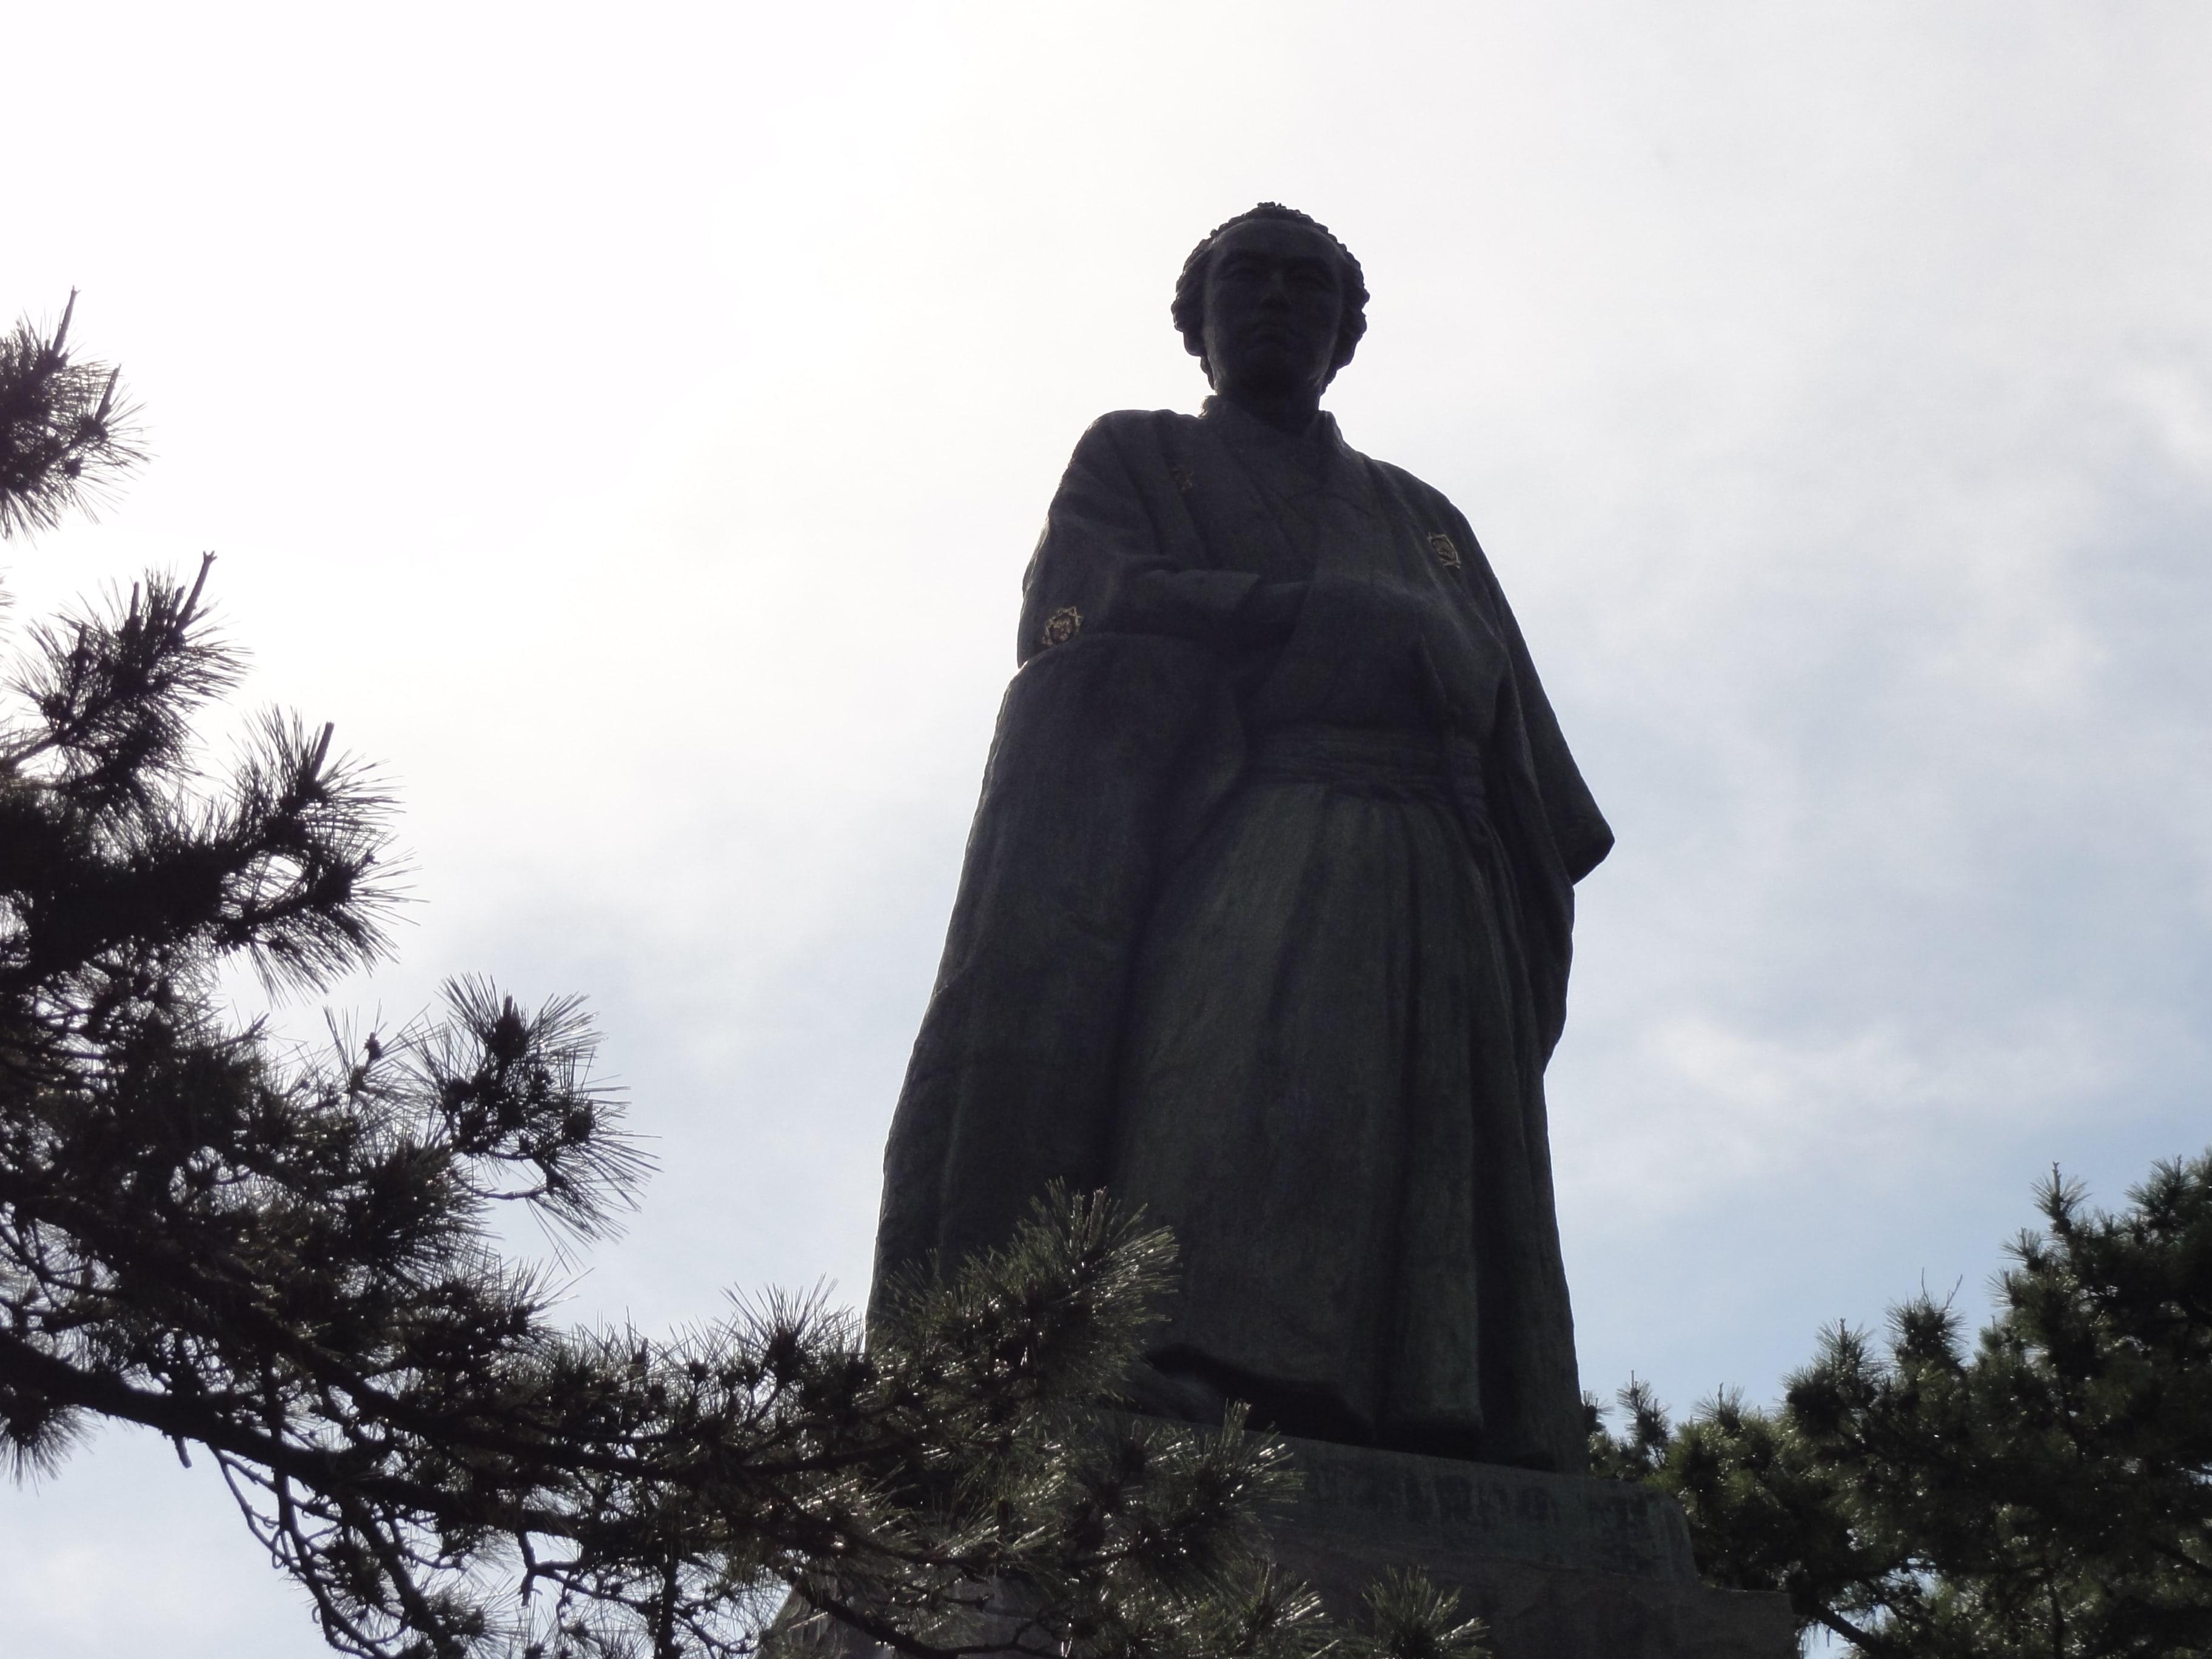 逆光の坂本龍馬像